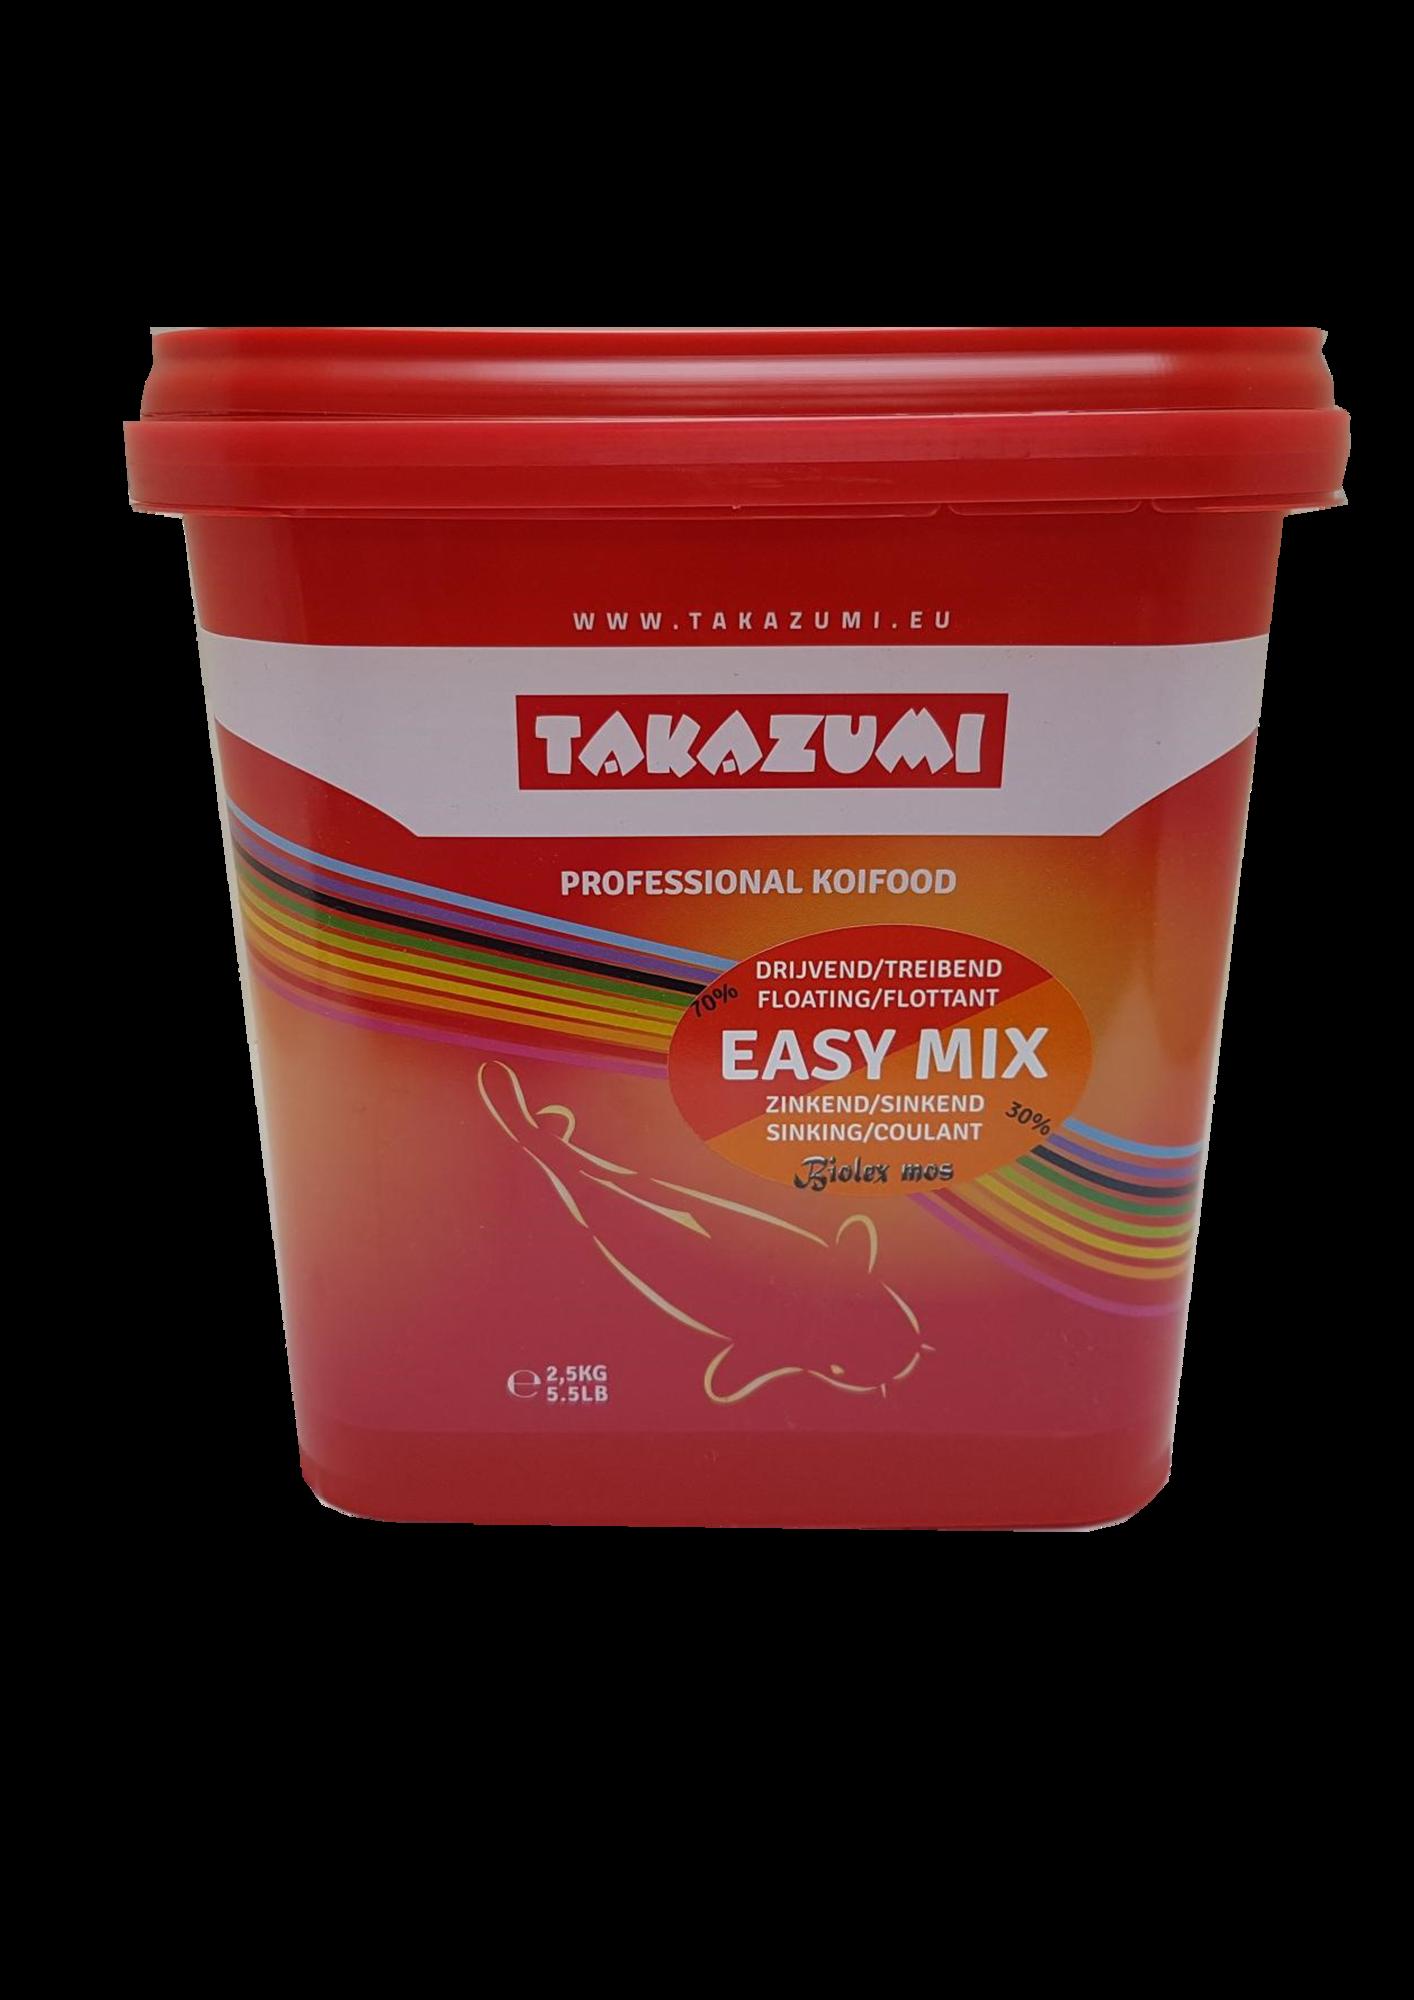 Takazumi Easy Mix 1 KG